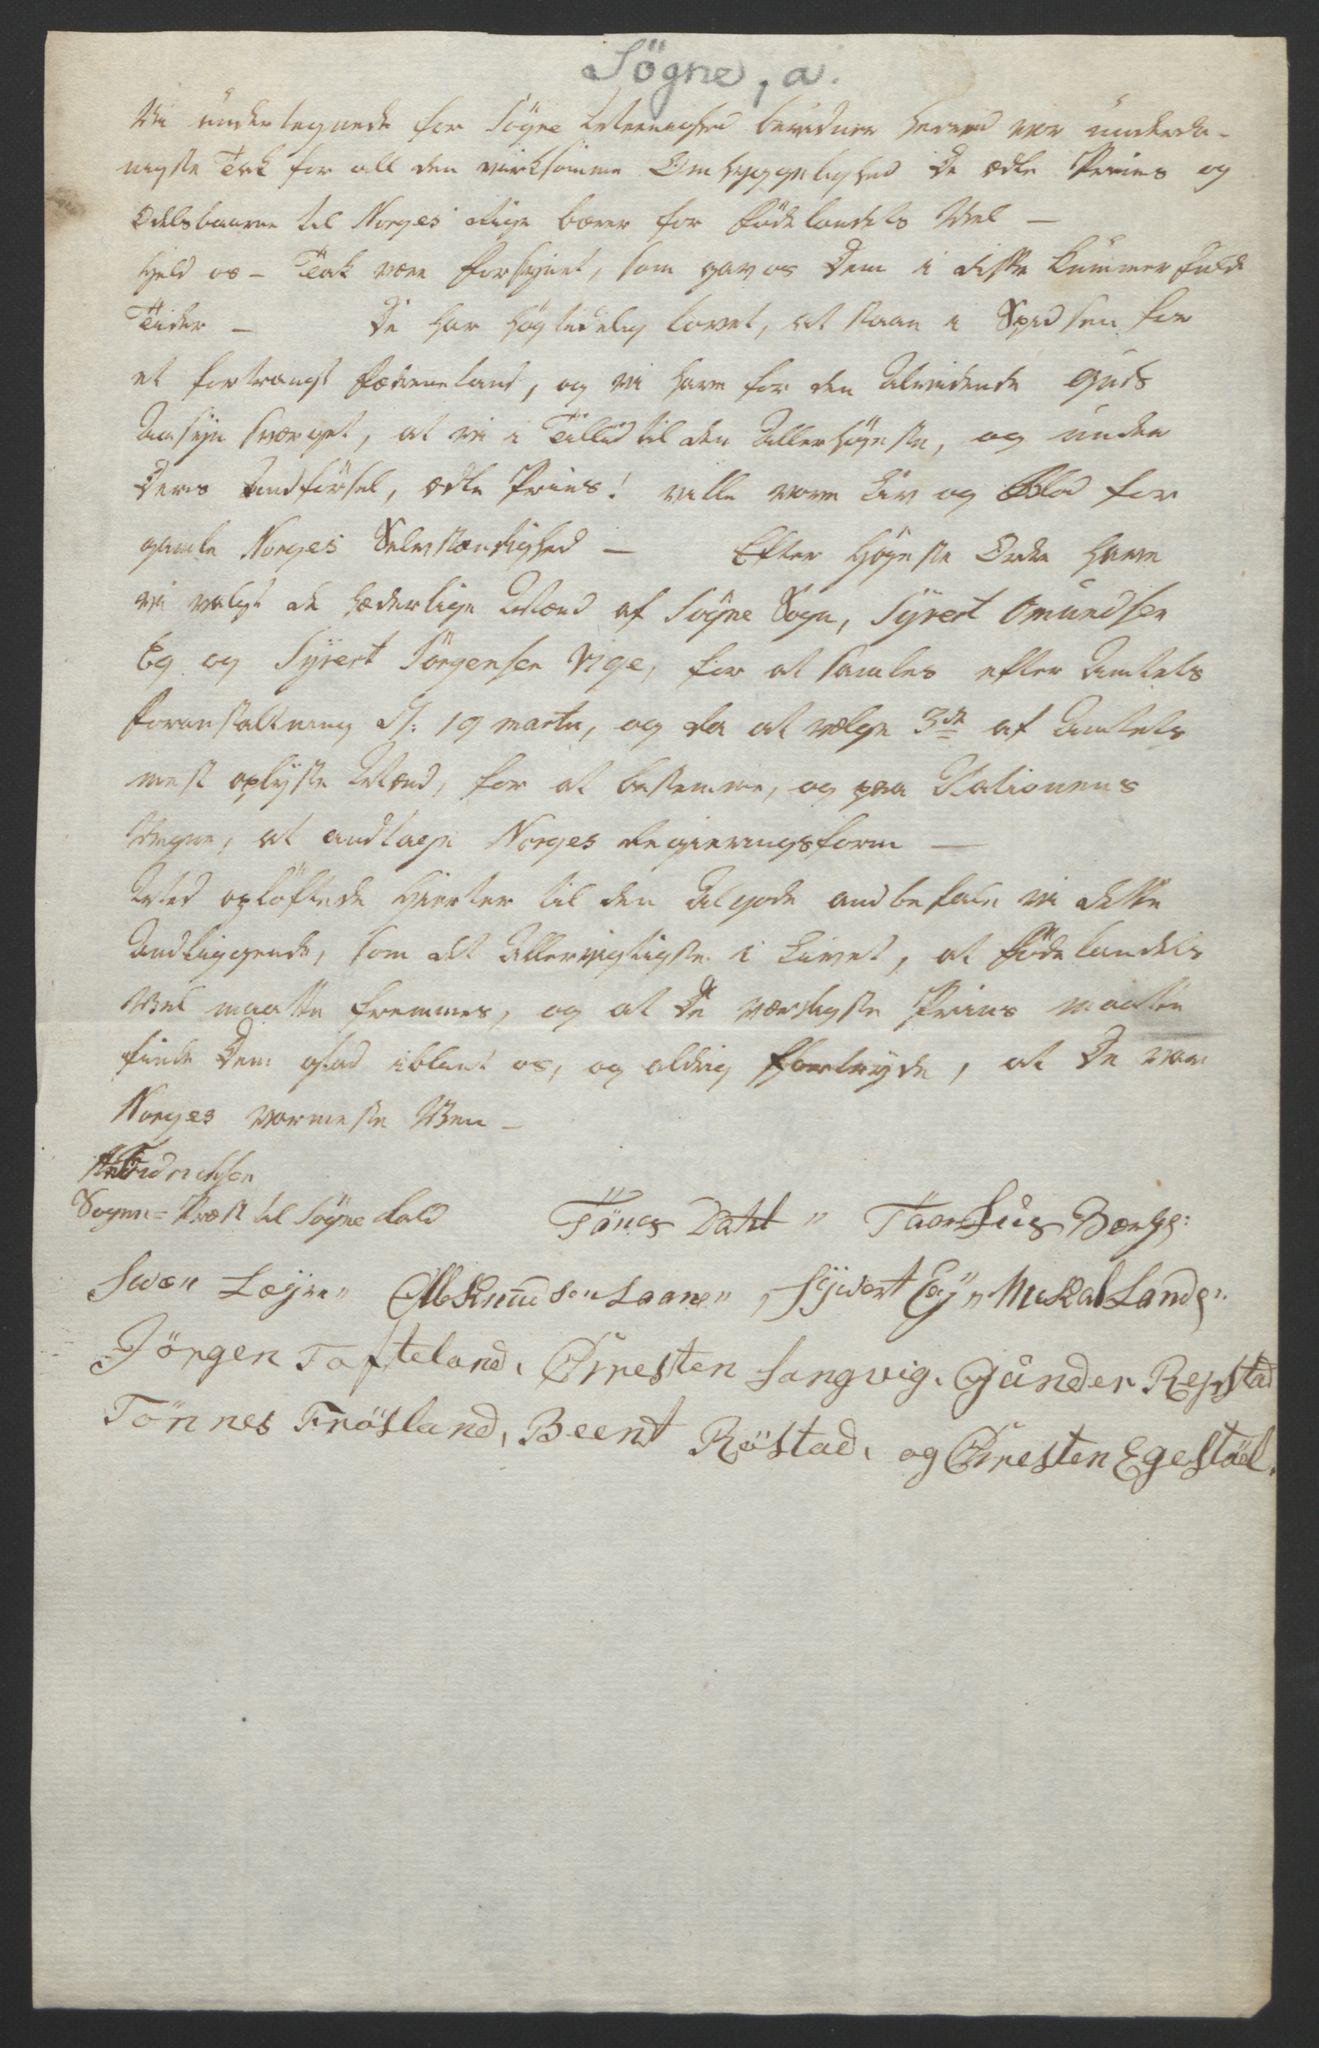 RA, Statsrådssekretariatet, D/Db/L0008: Fullmakter for Eidsvollsrepresentantene i 1814. , 1814, s. 133